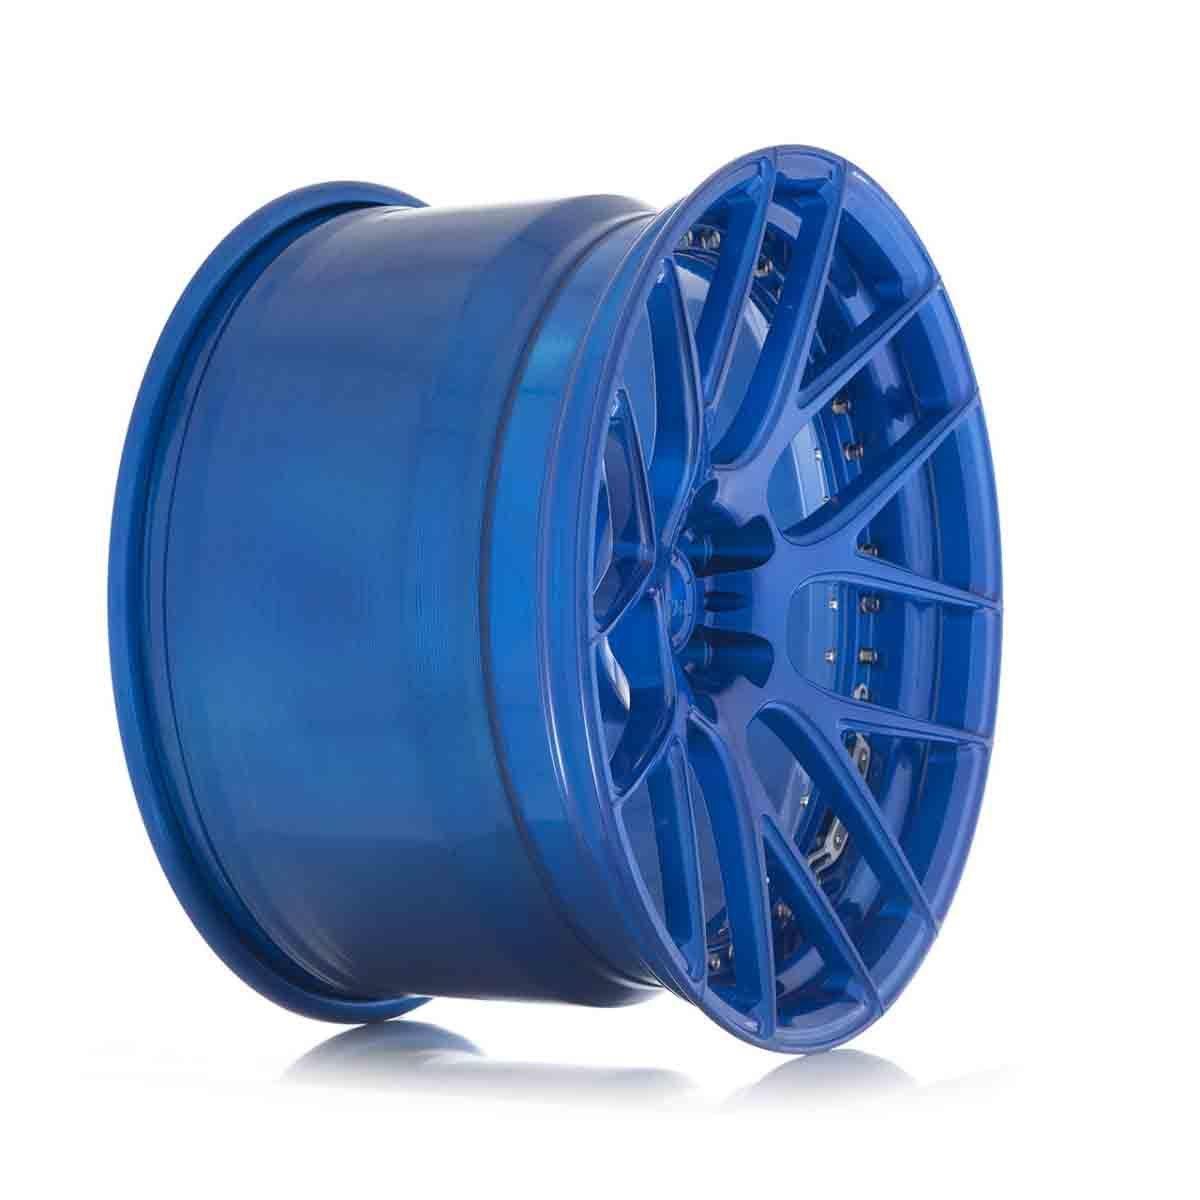 ADV.1 ADV7 M.V2 (SL Series) forged wheels